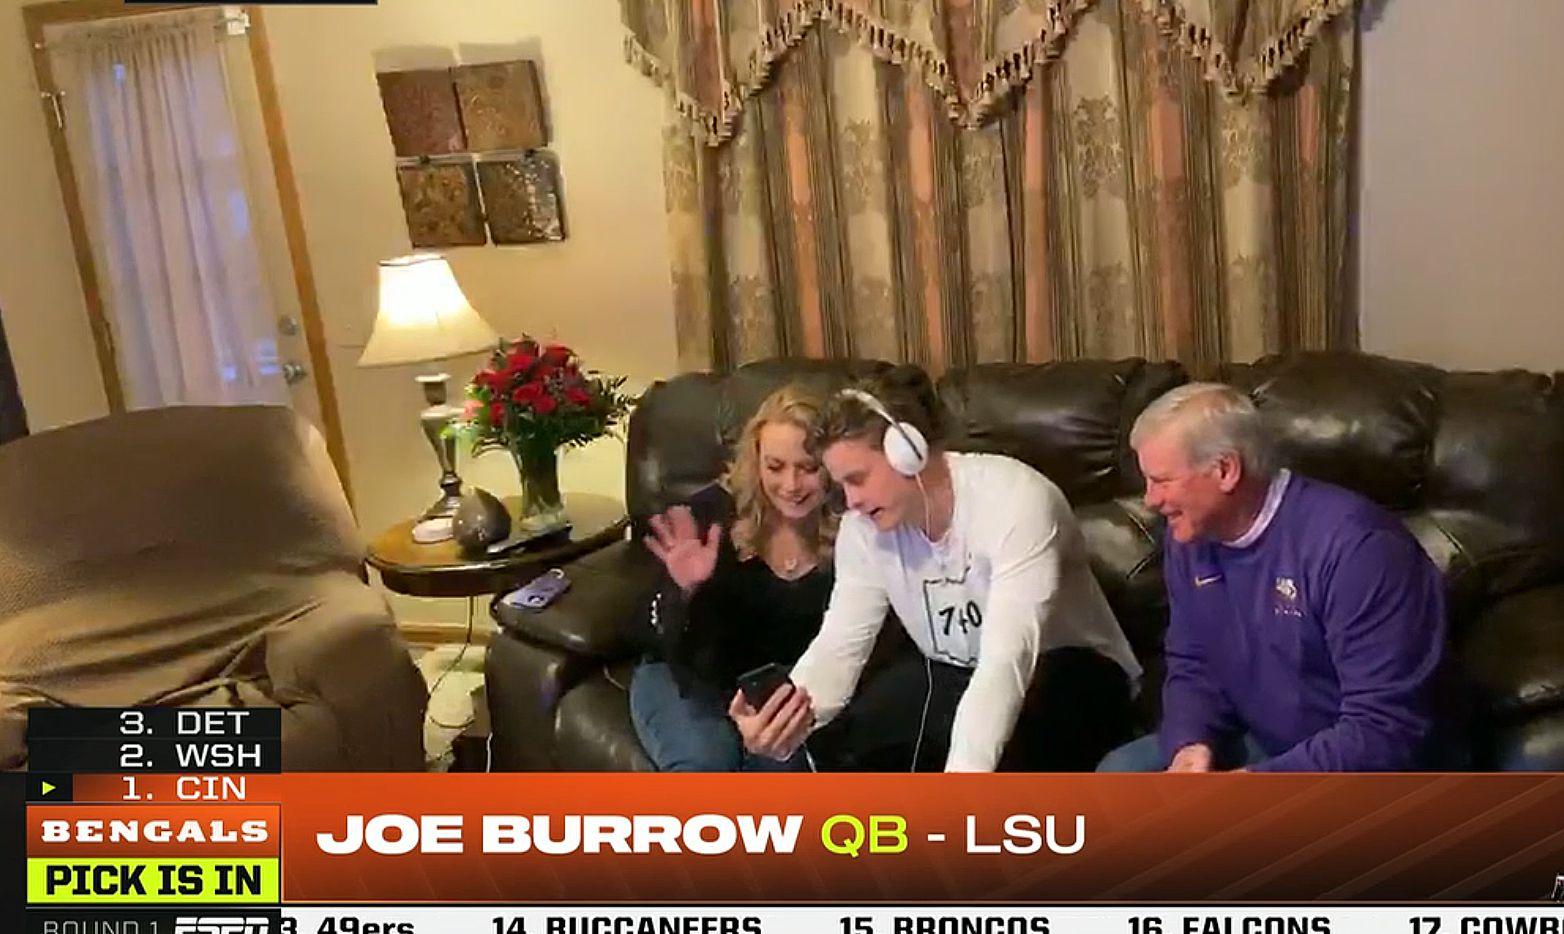 Captura de pantalla muestra a Joe Burrow en su casa en Ohio, junto a sus padres, tras ser seleccionado por los Cincinnati Bengals en la primera ronda del draft.